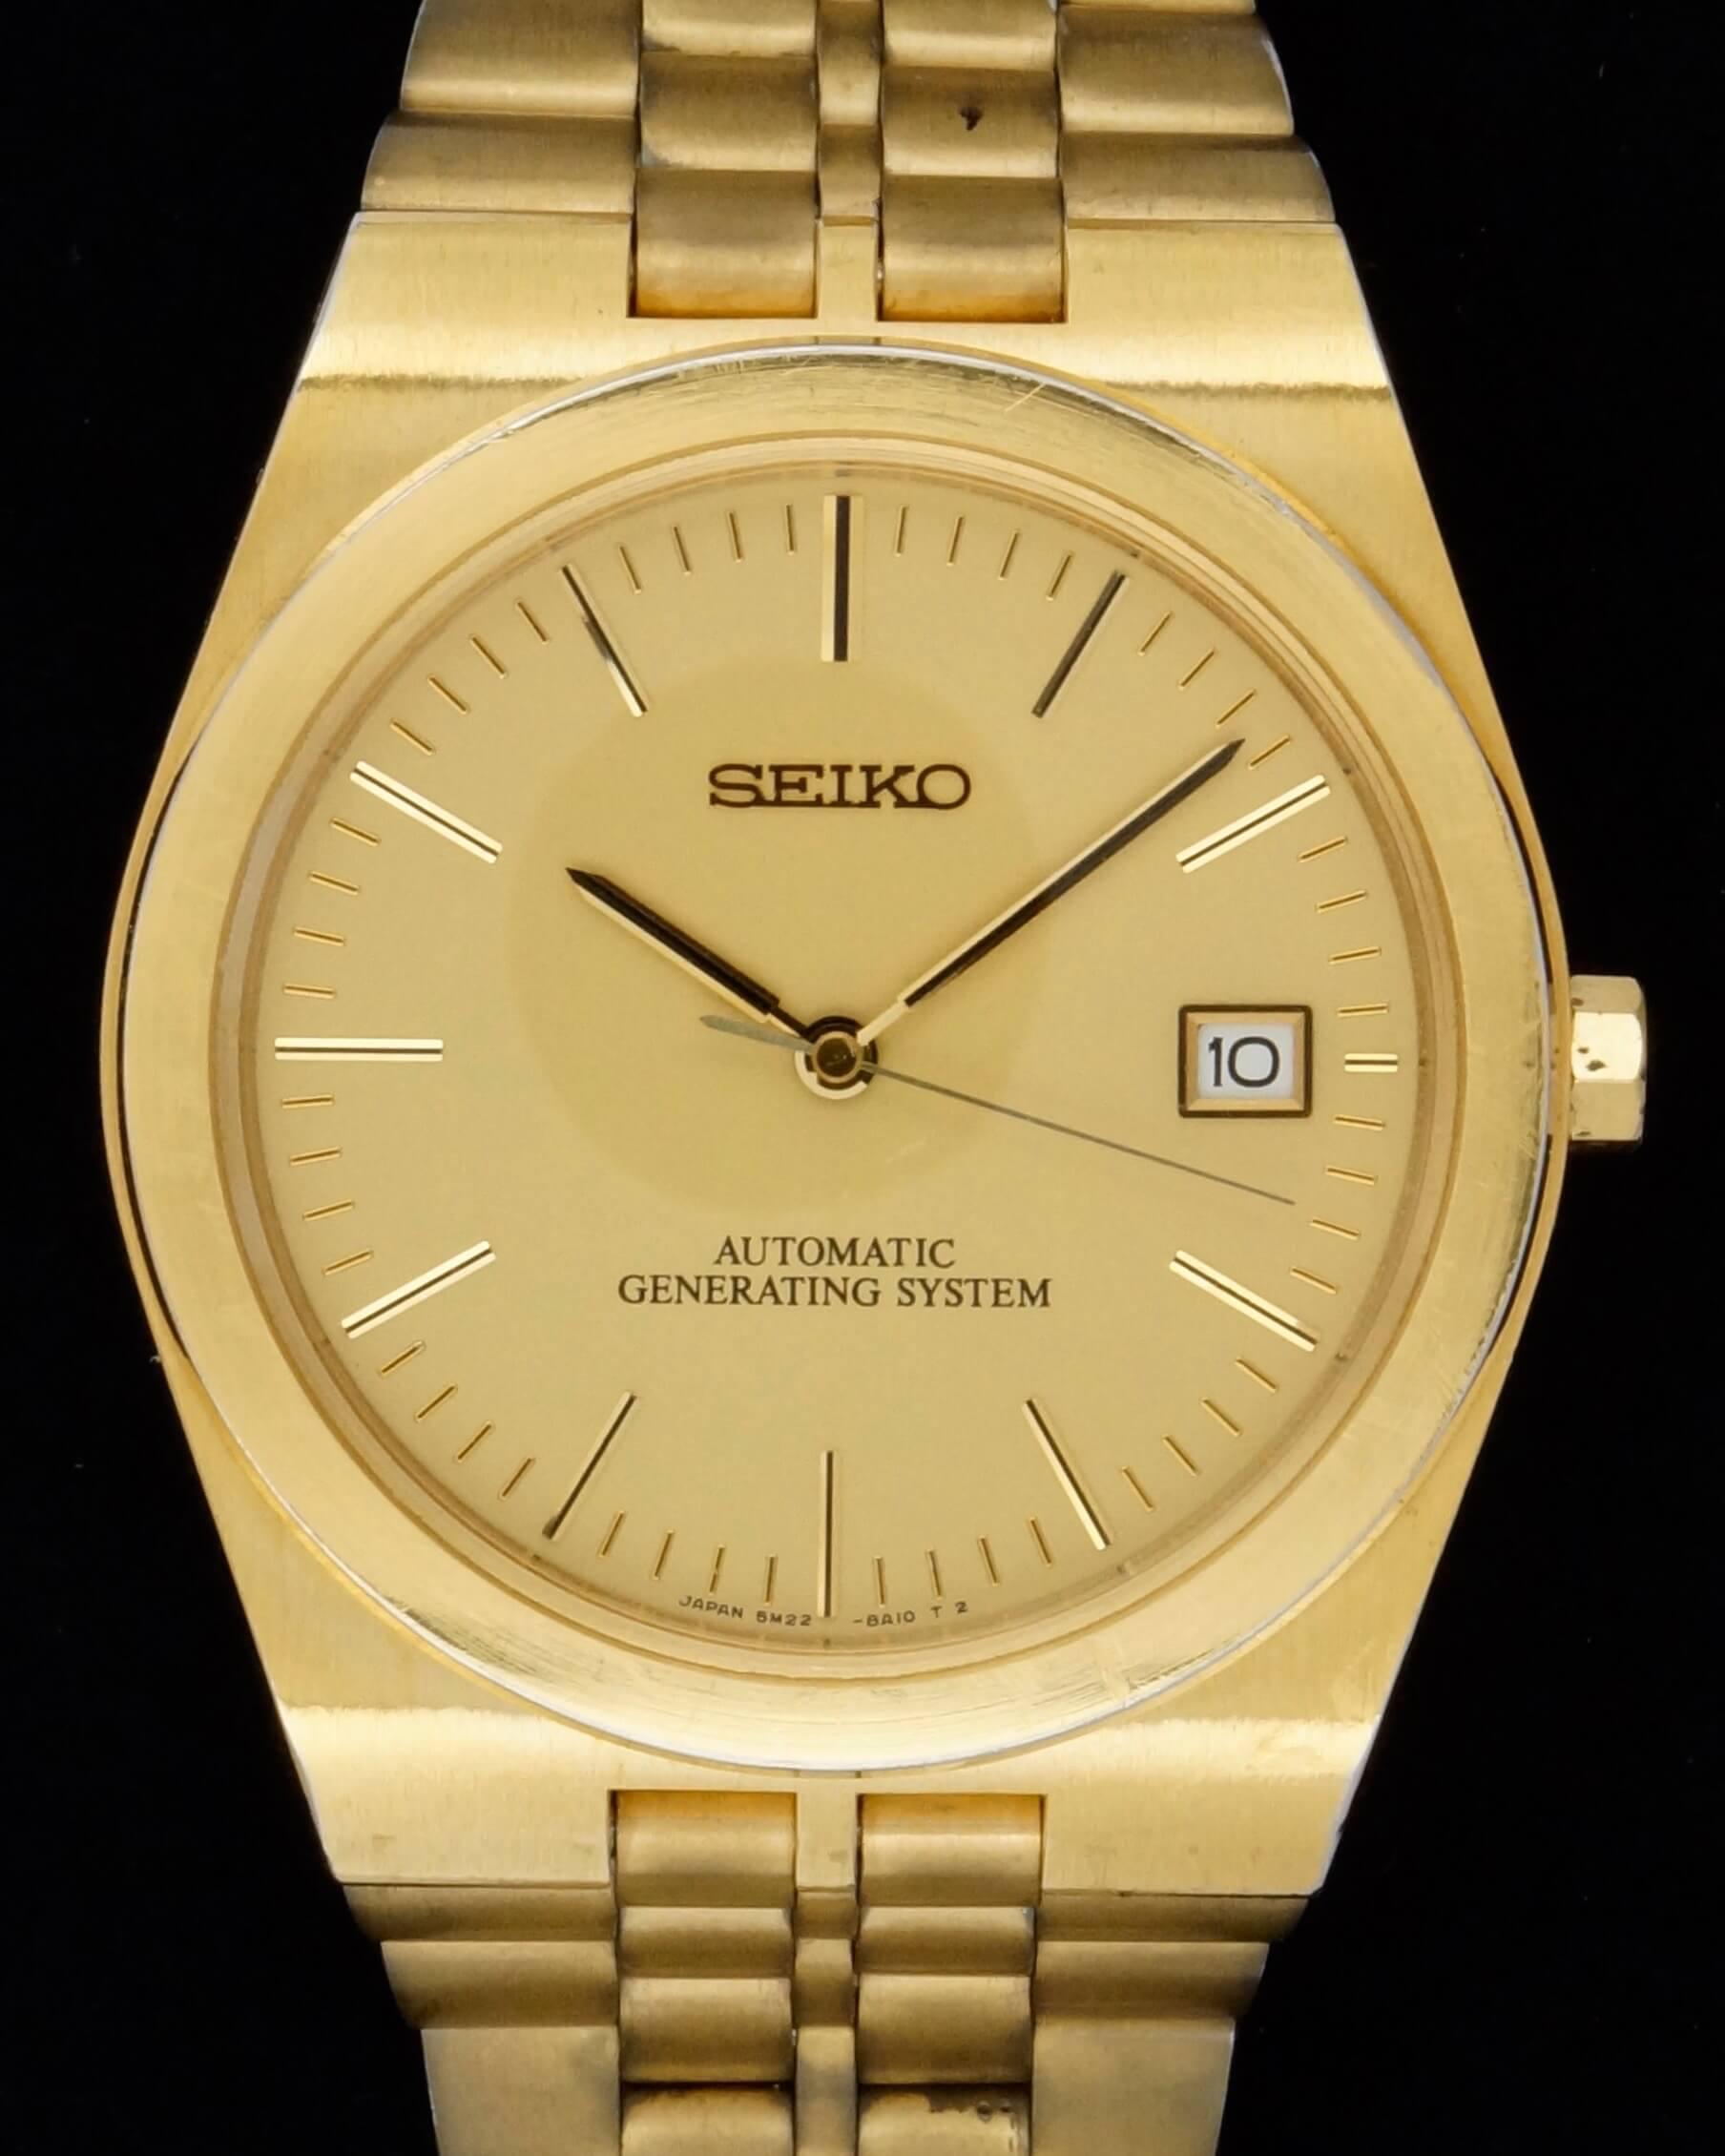 Seiko Perpetual Calendar Vintage : Montres seiko vintage la clinique horlogère service et